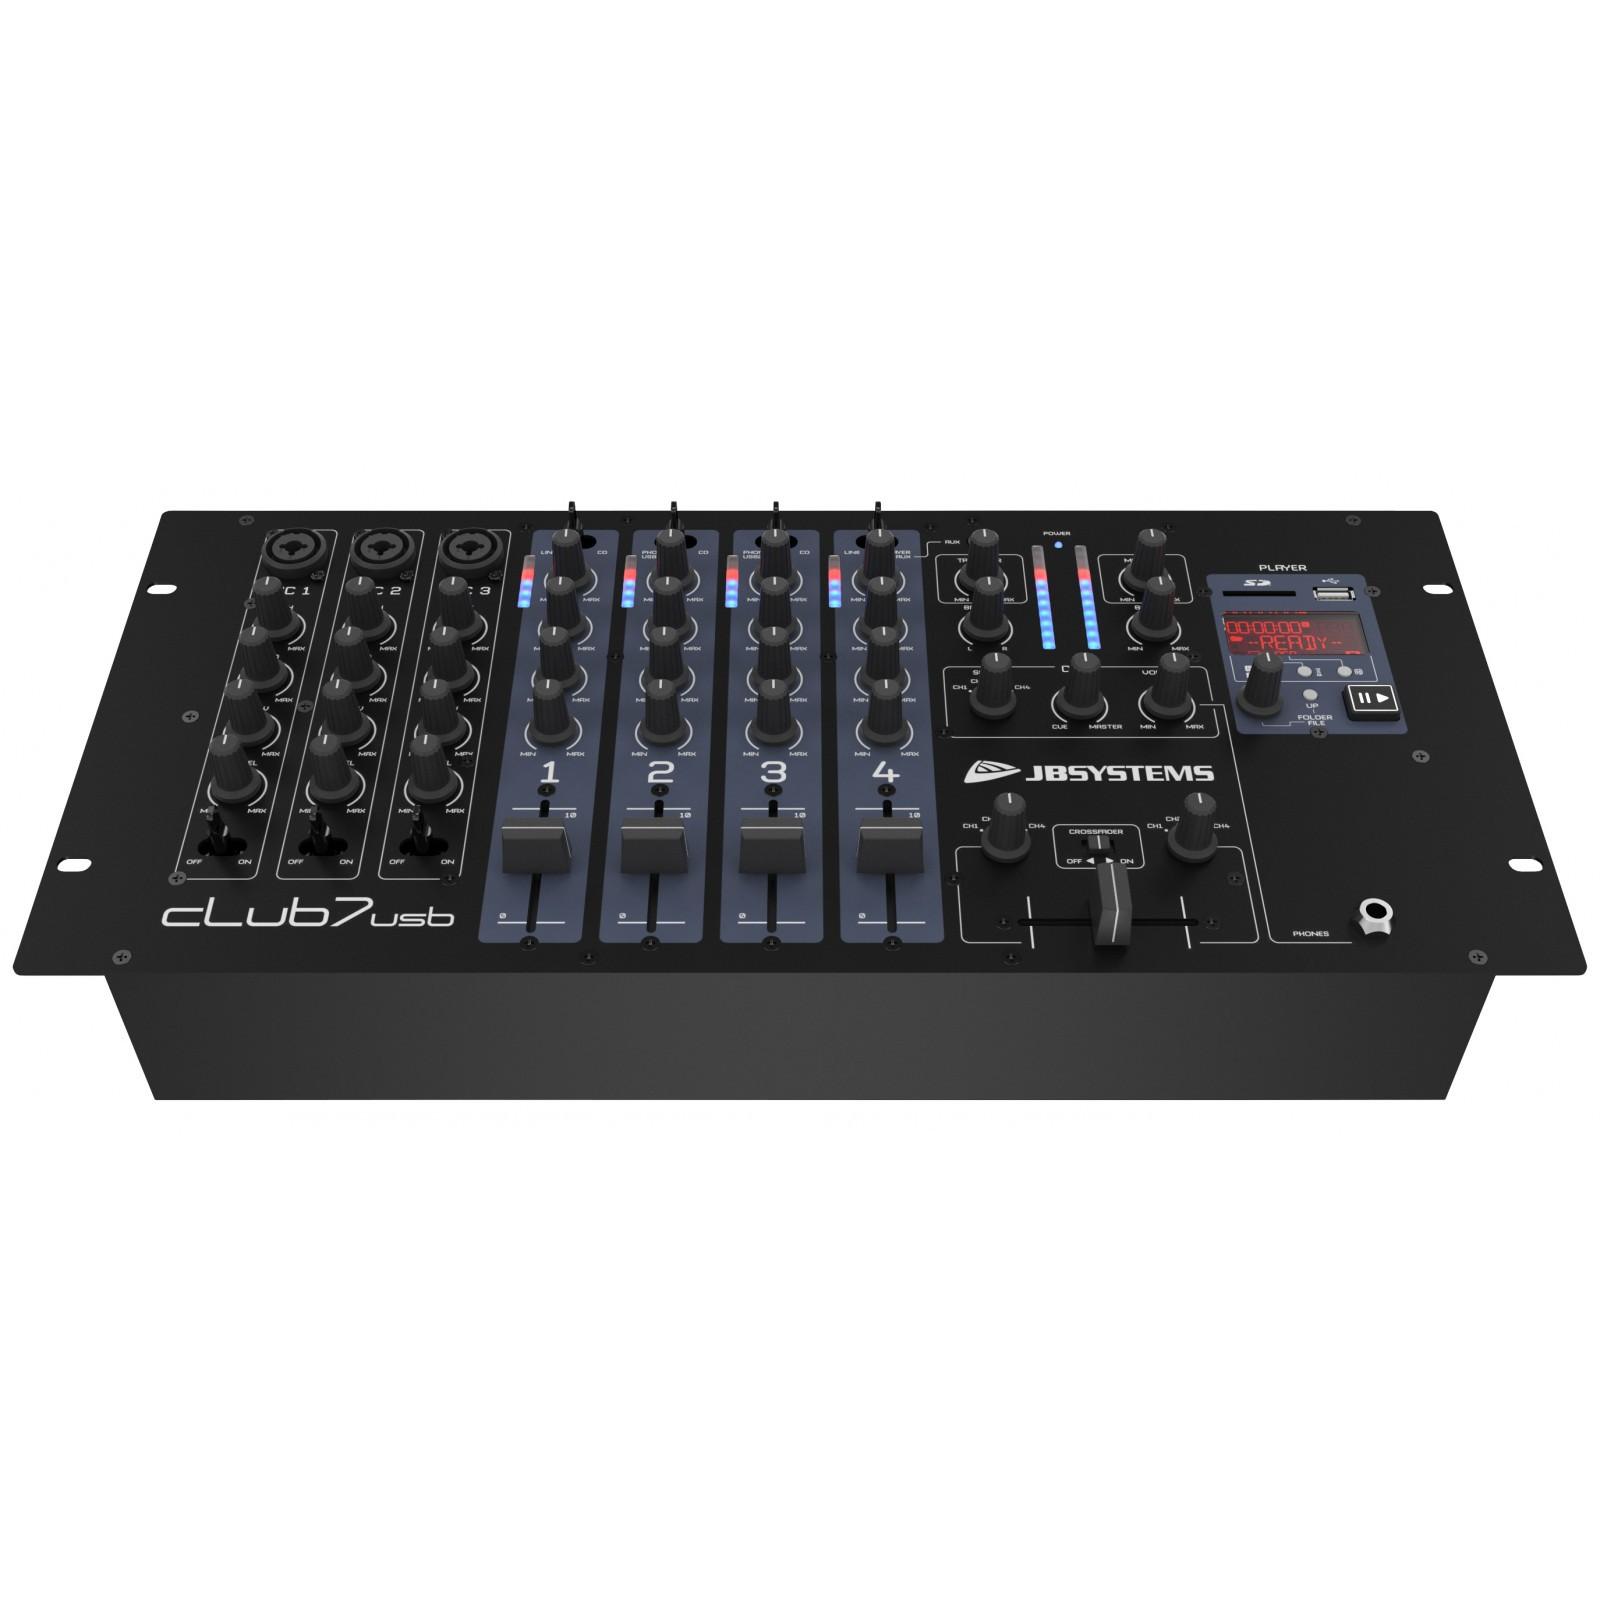 Jb systems club7 usb 00125 299 00 be 00125 - Table de mixage vinyle ...